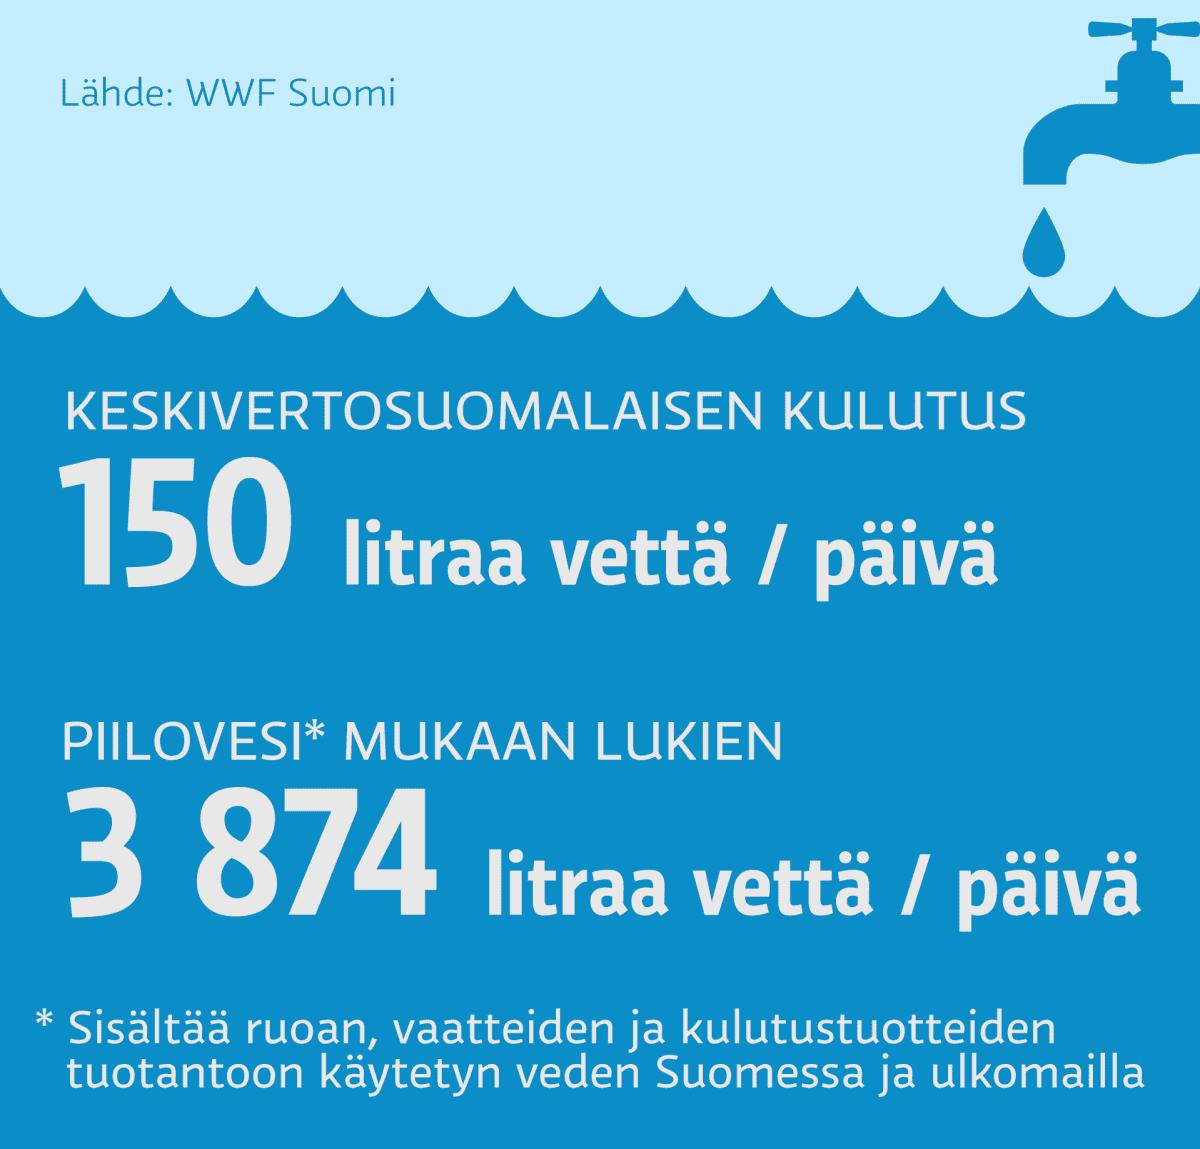 Veden kulutus